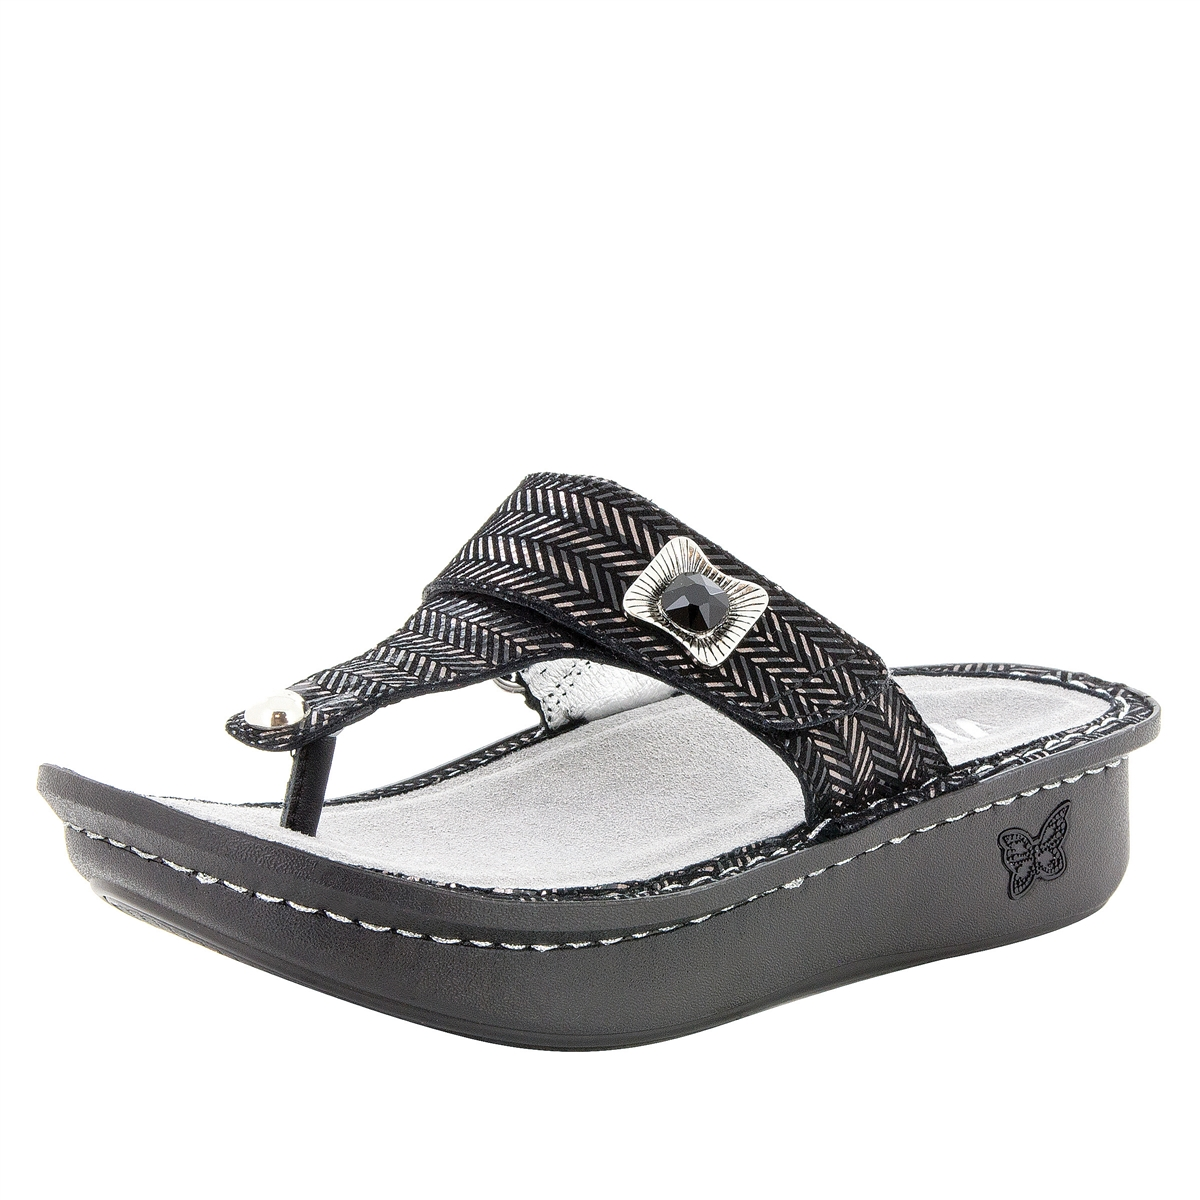 b1f7445890a72d Shop Women s Alegria Shoes